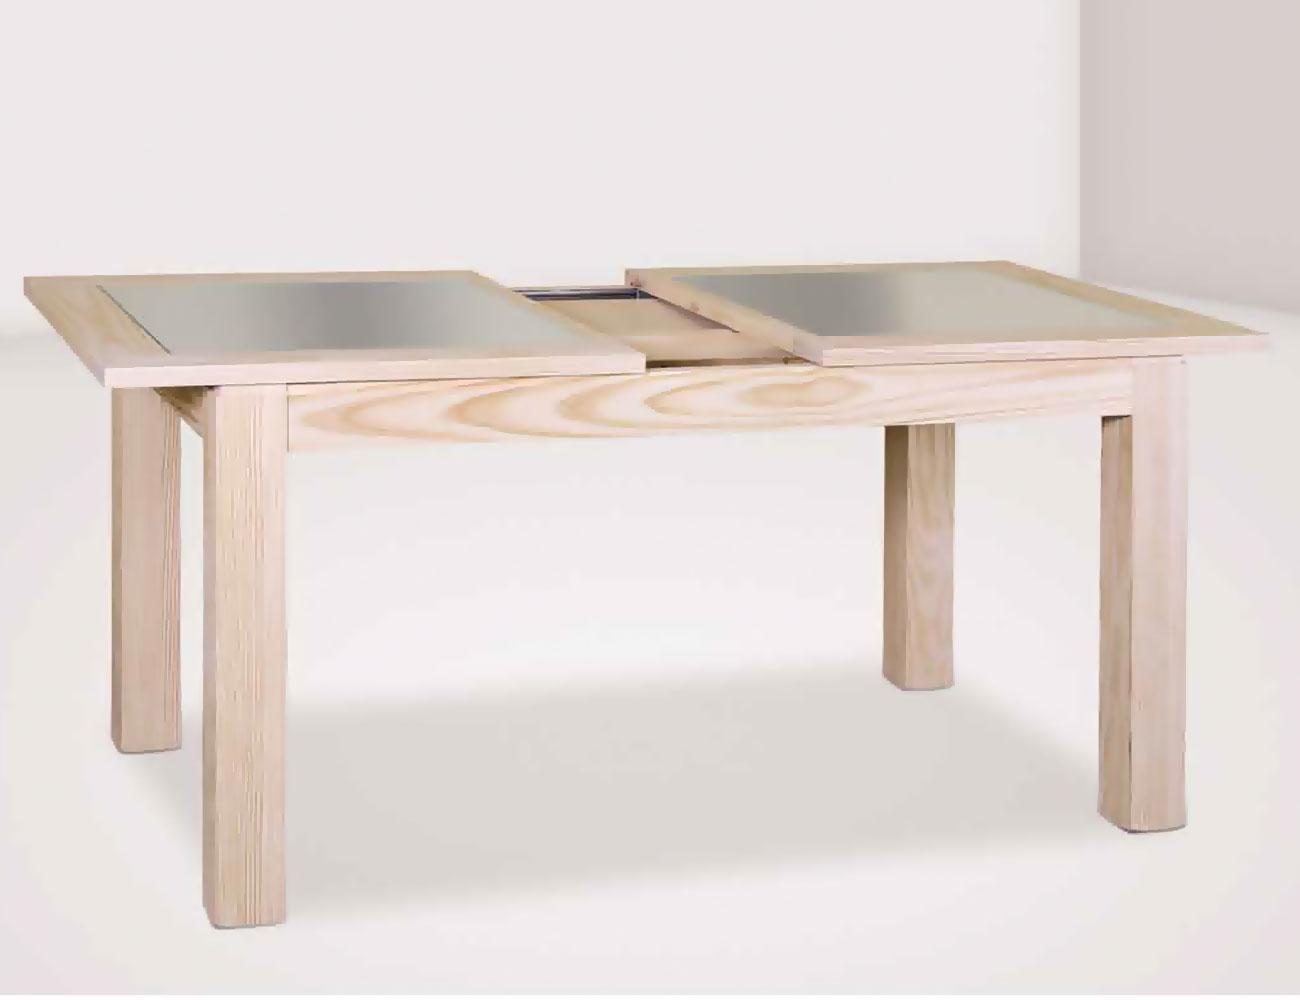 Mesa comedor fija 140 cm en madera con tapa cristal en - Mesas salon extensibles ...